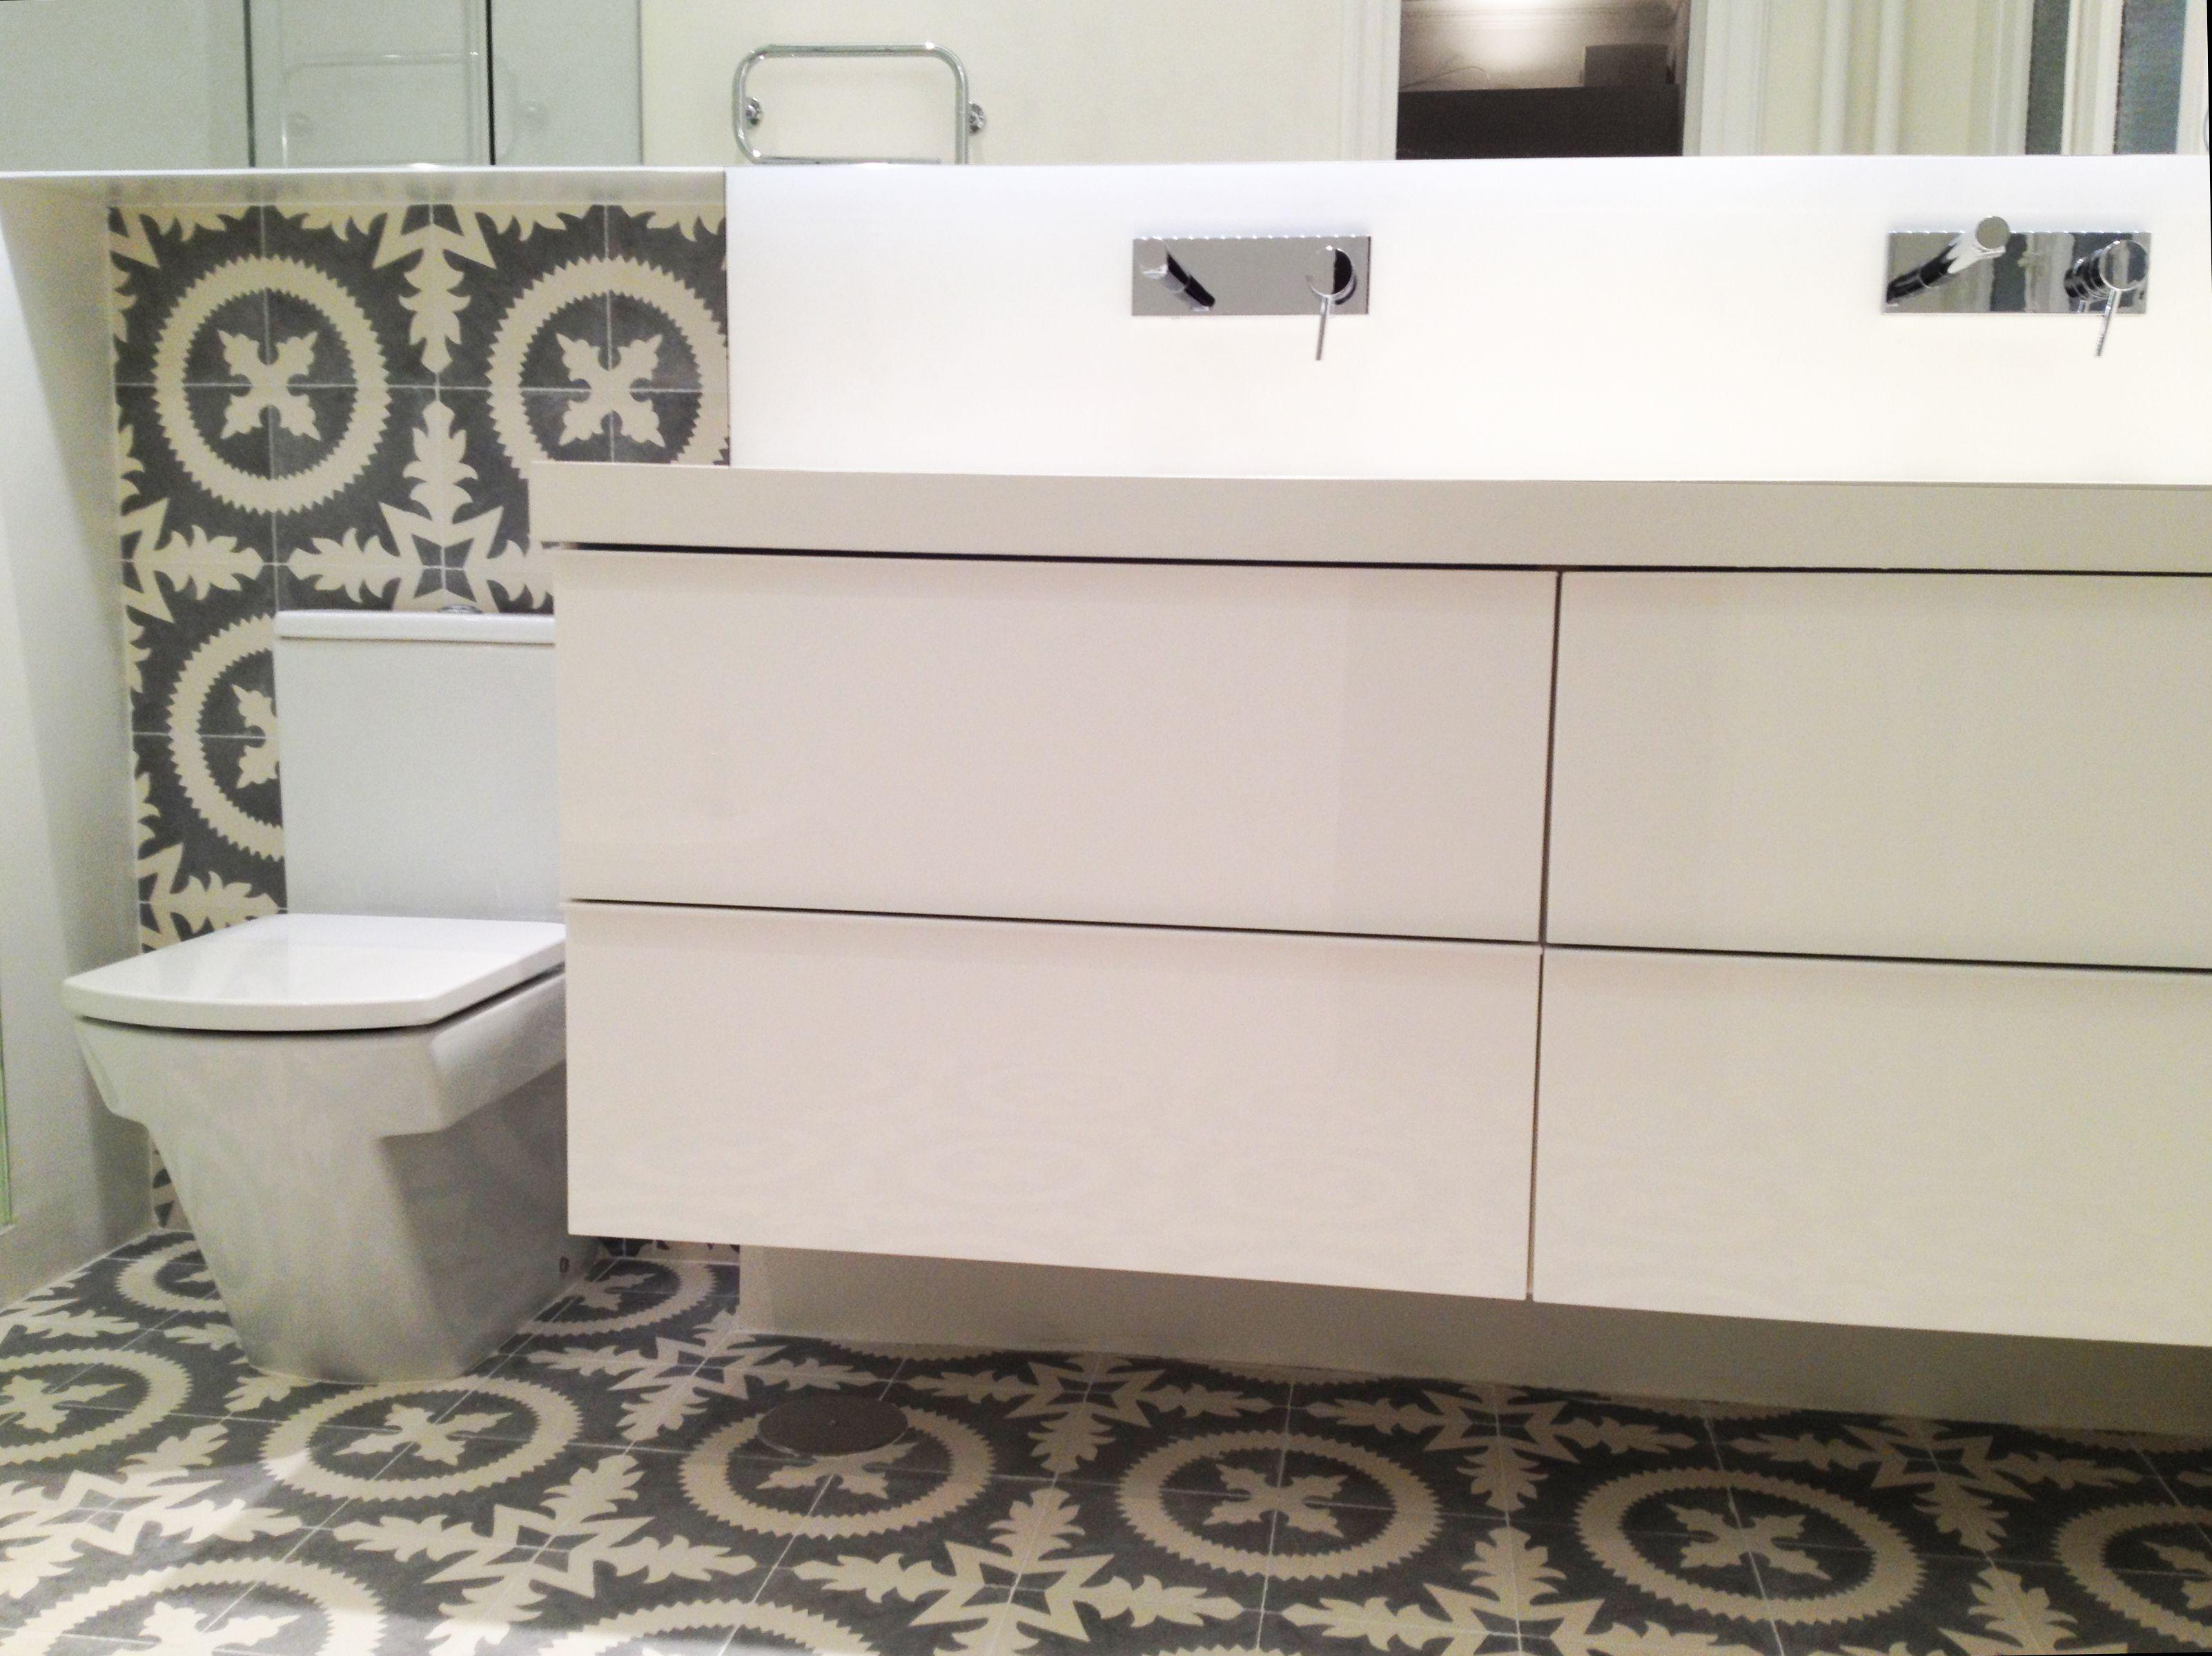 Cuartos De Baño En Microcemento:Cuarto de baño en microcemento blanco y baldosa hidráulica Diseño